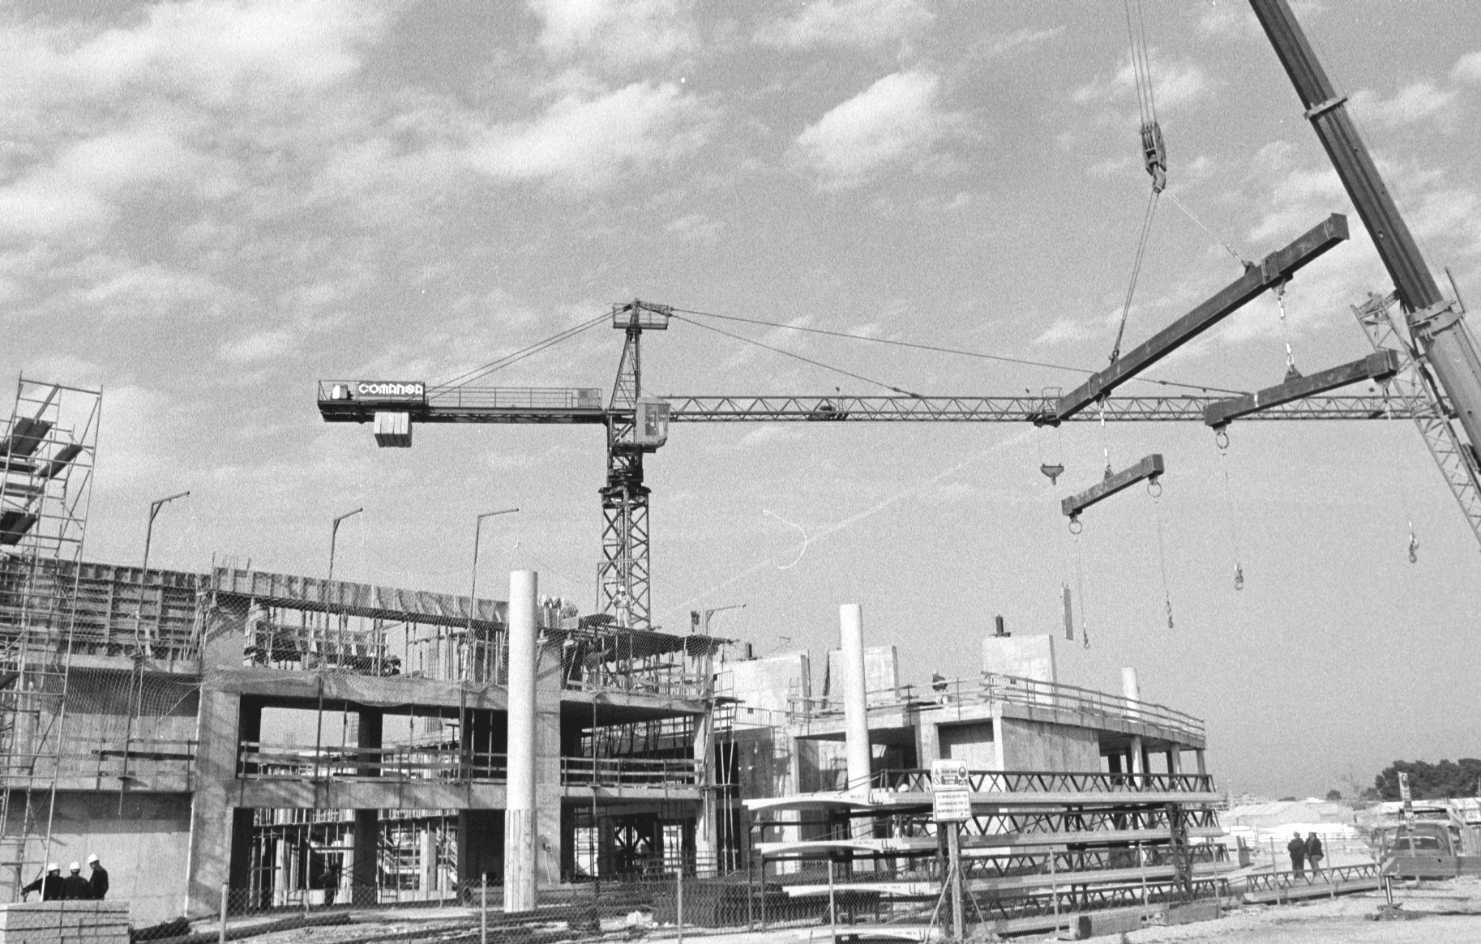 Historia gráfica de València: la construcción del Palacio de Congresos